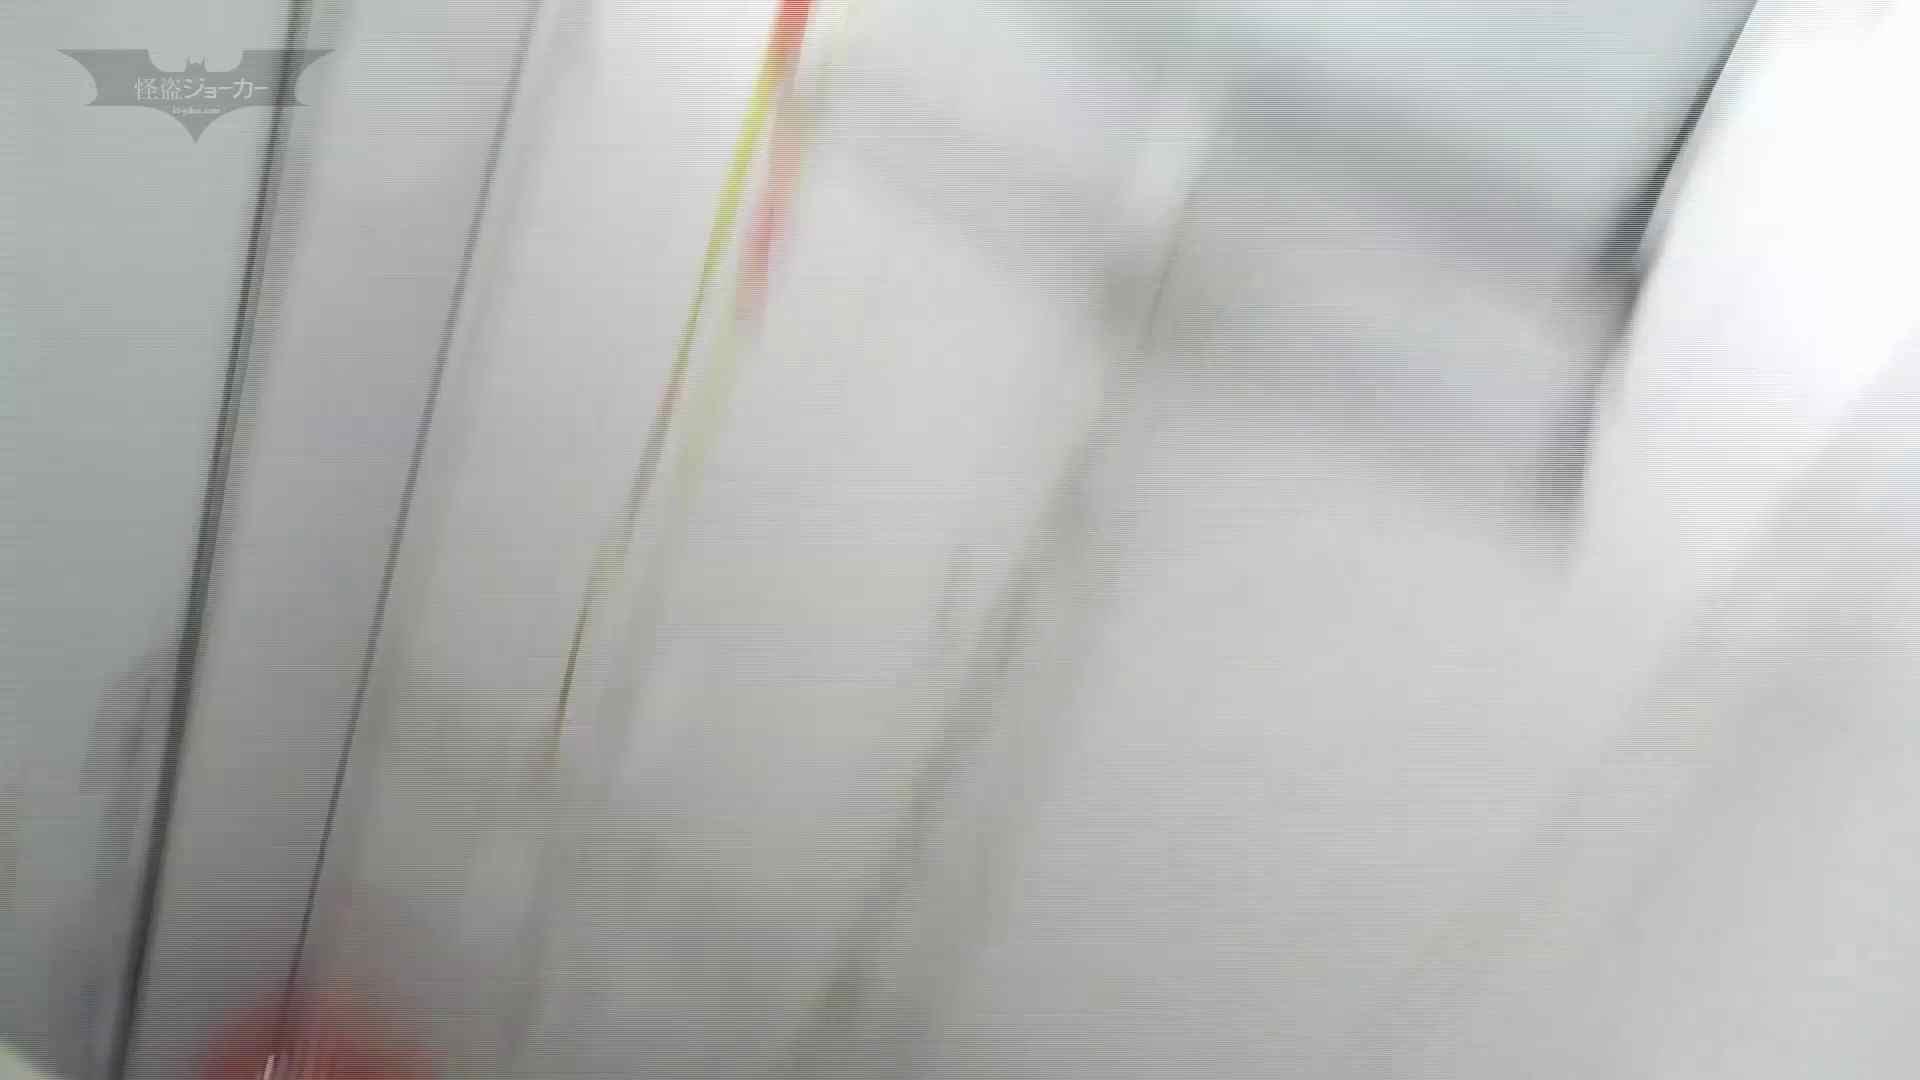 下からノゾム vol.030 びしょびしょの連続、お尻半分濡れるほど、 エッチすぎるOL達 | 0  67連発 9